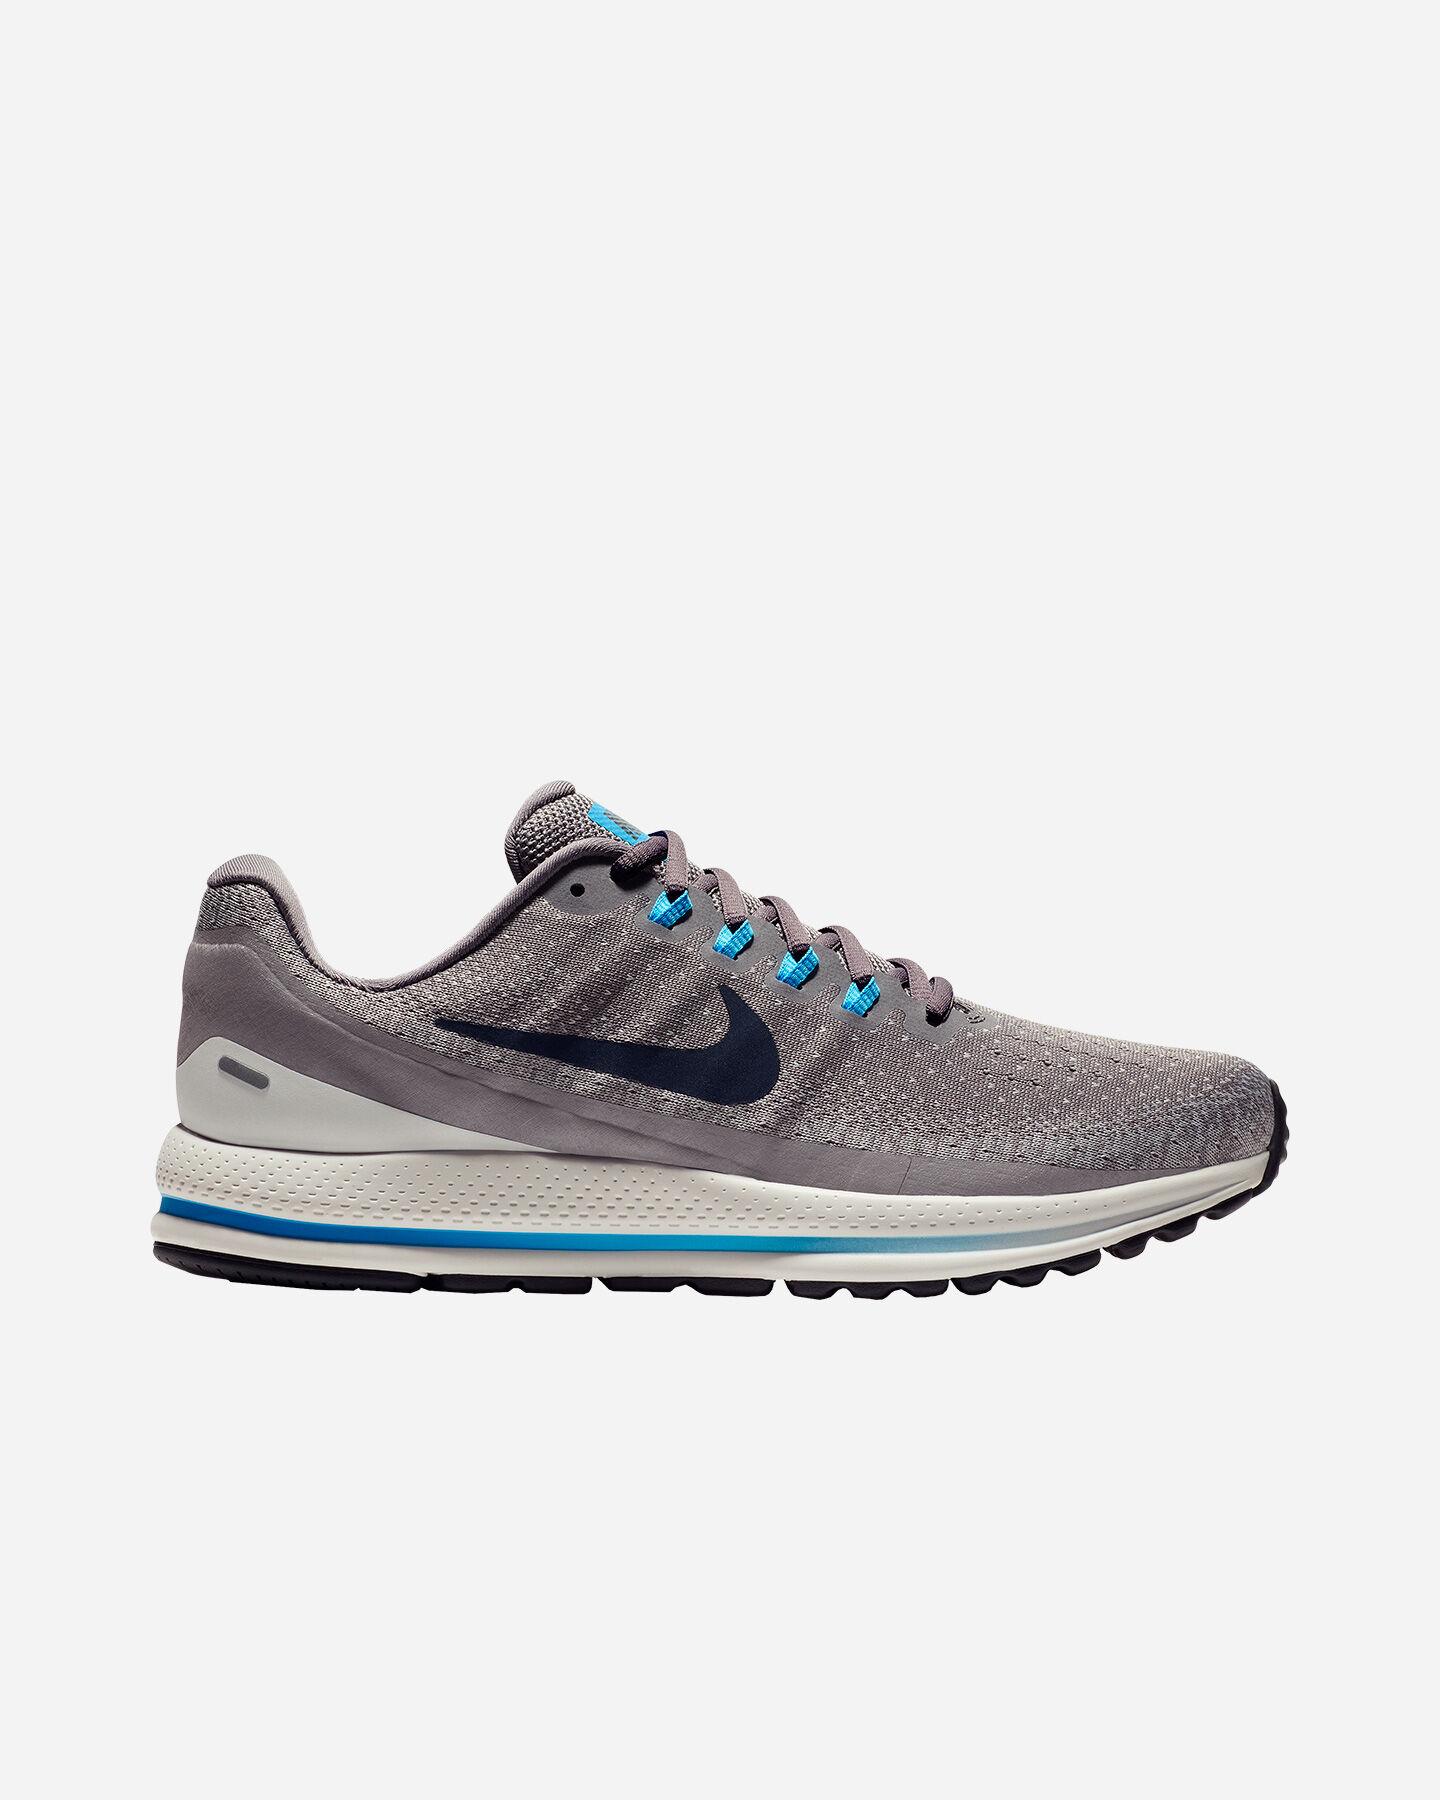 Zoom Scarpe Running M Sport 922908 Air Cisalfa Vomero Su Nike 13 007 50wAUSqAx